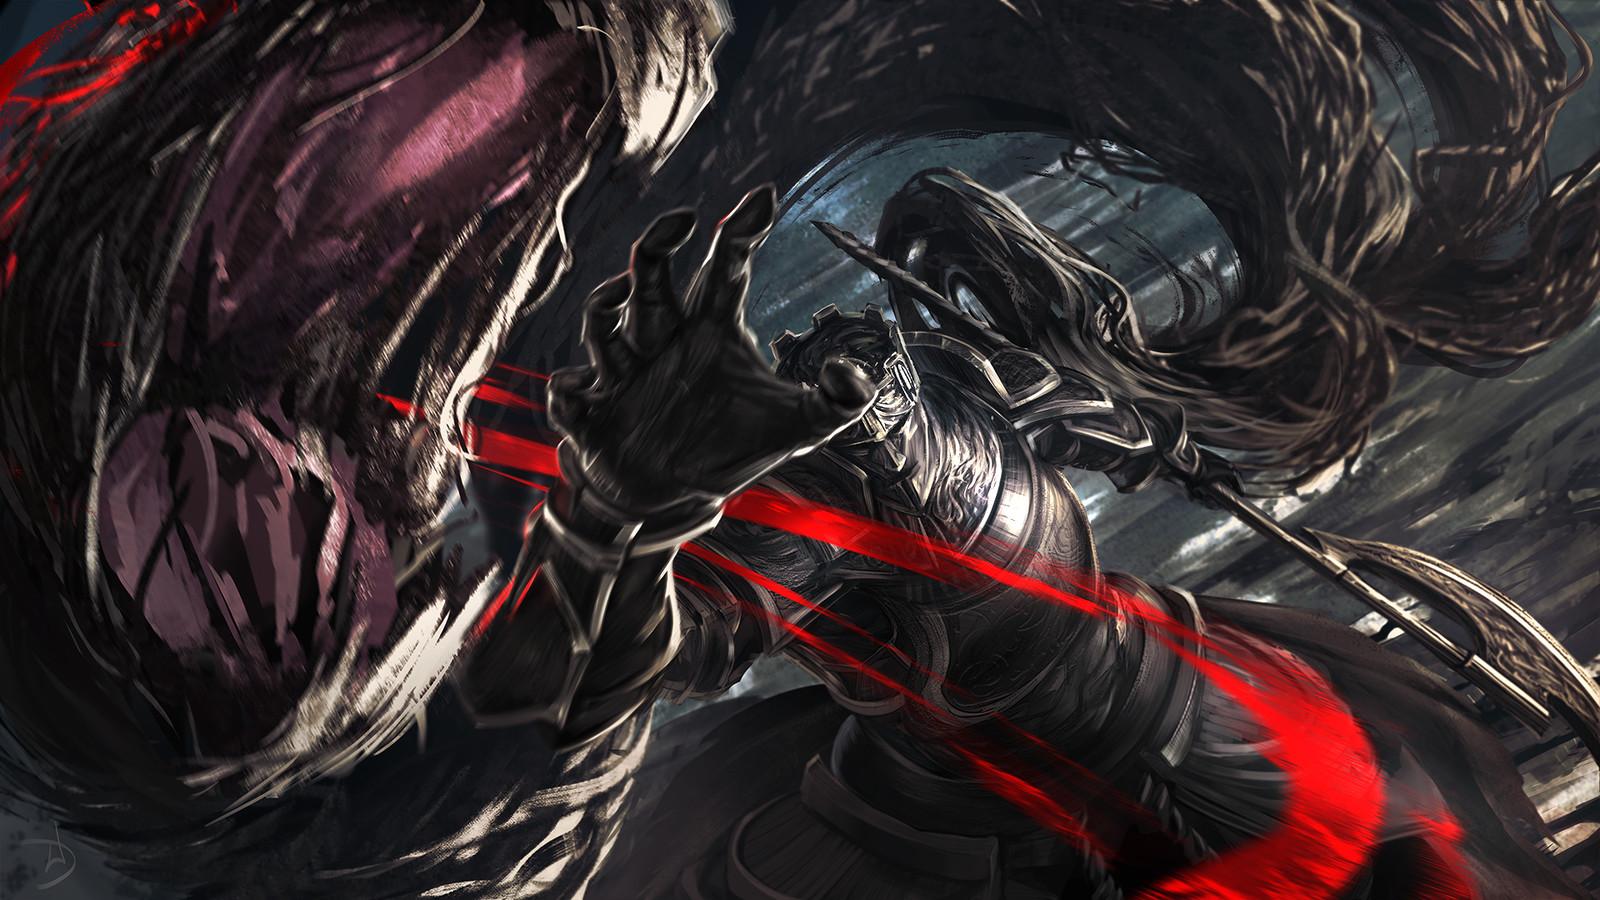 Dark Souls - Gundyr - fanart